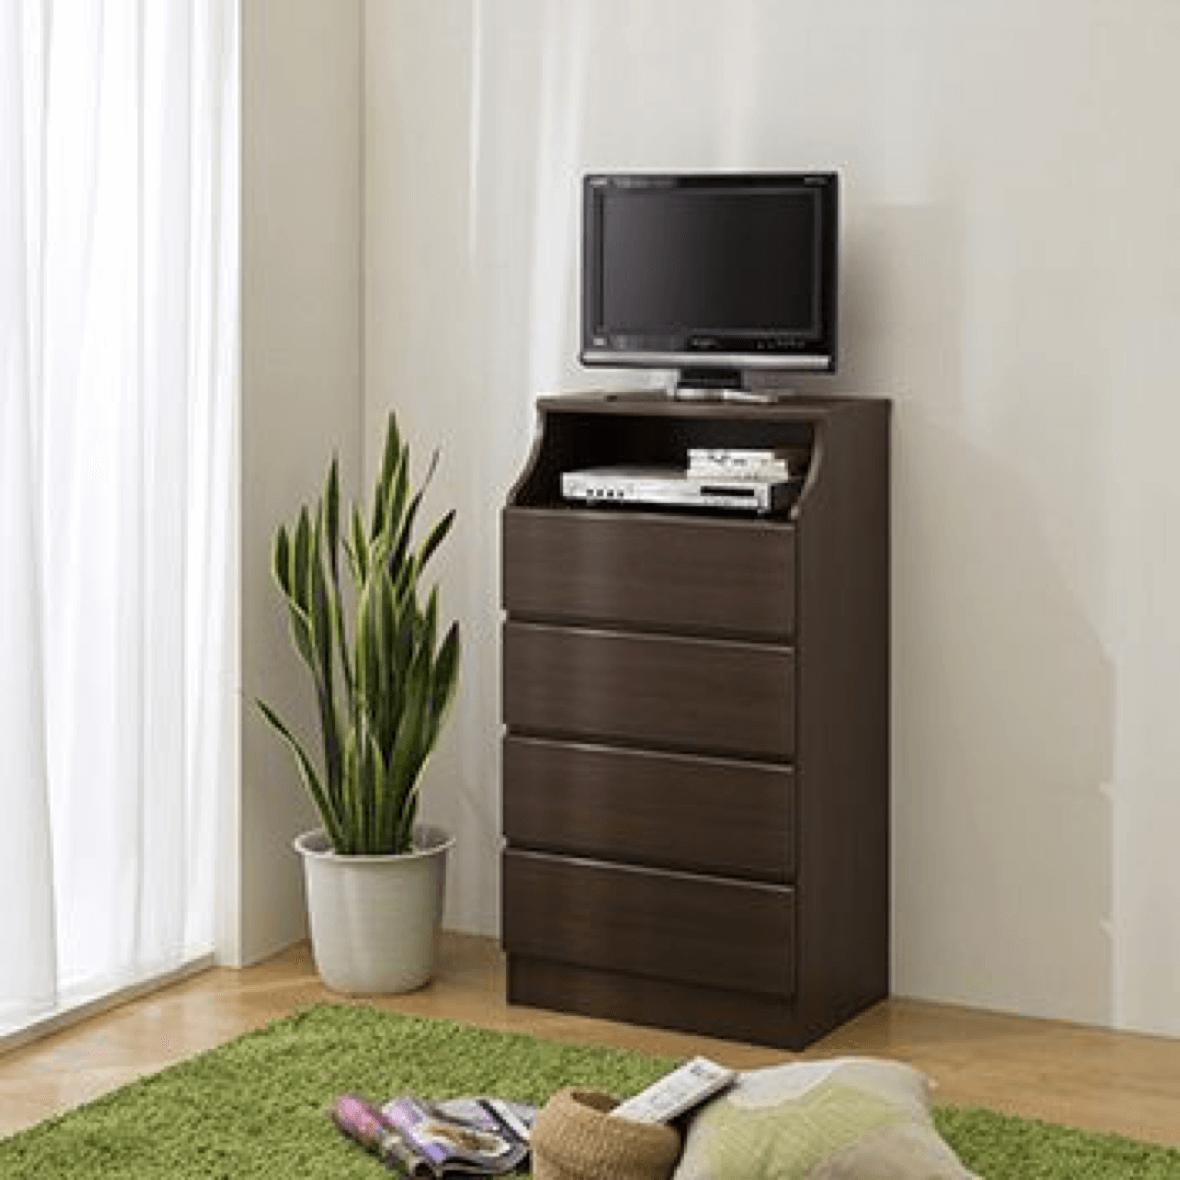 小型のテレビ台としても使用できます。